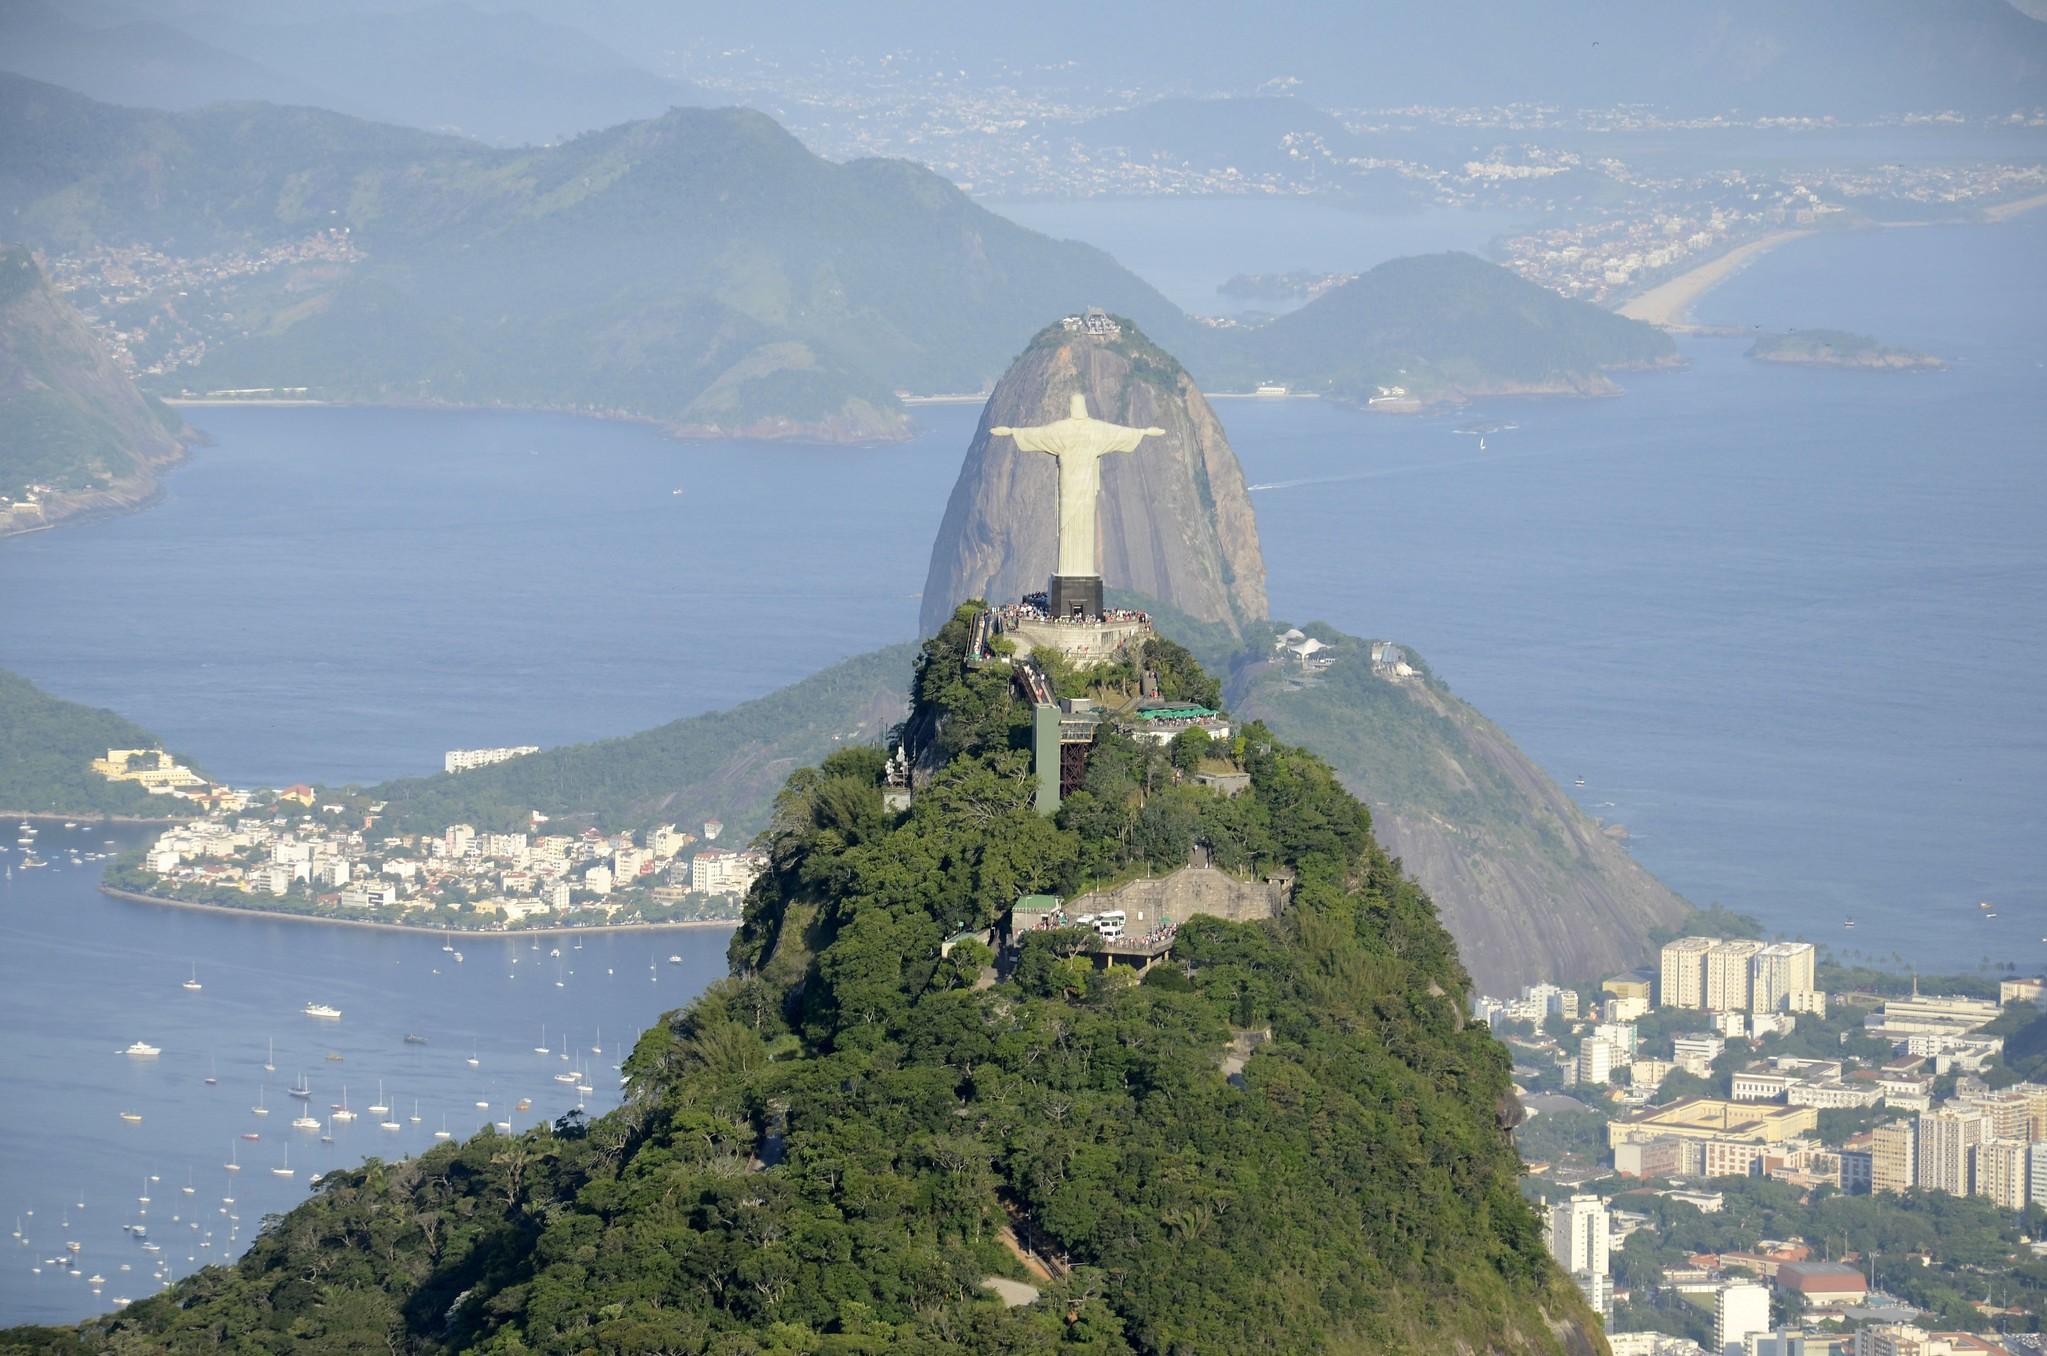 Guias turísticos do RJ esperam há um mês por regulamentação de lei que lhes garanta renda para sobreviver